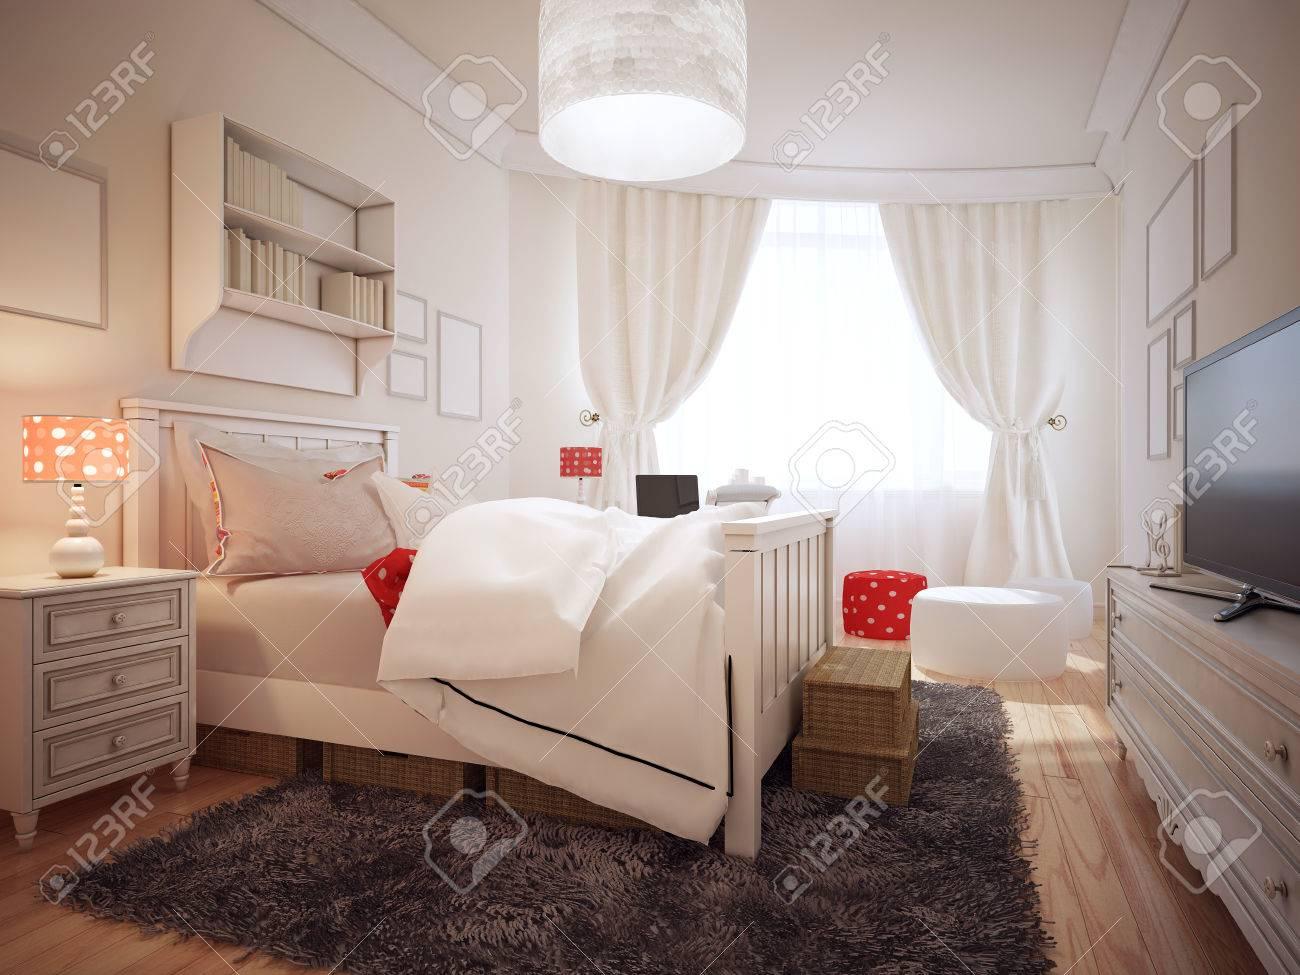 Full Size of Elegantes Schlafzimmer In Art Trend Nette Nachttisch Betten Boxspring Bett Mit Matratze Und Lattenrost 140x200 Rauch Mädchen 200x220 Für übergewichtige Bett Luxus Bett